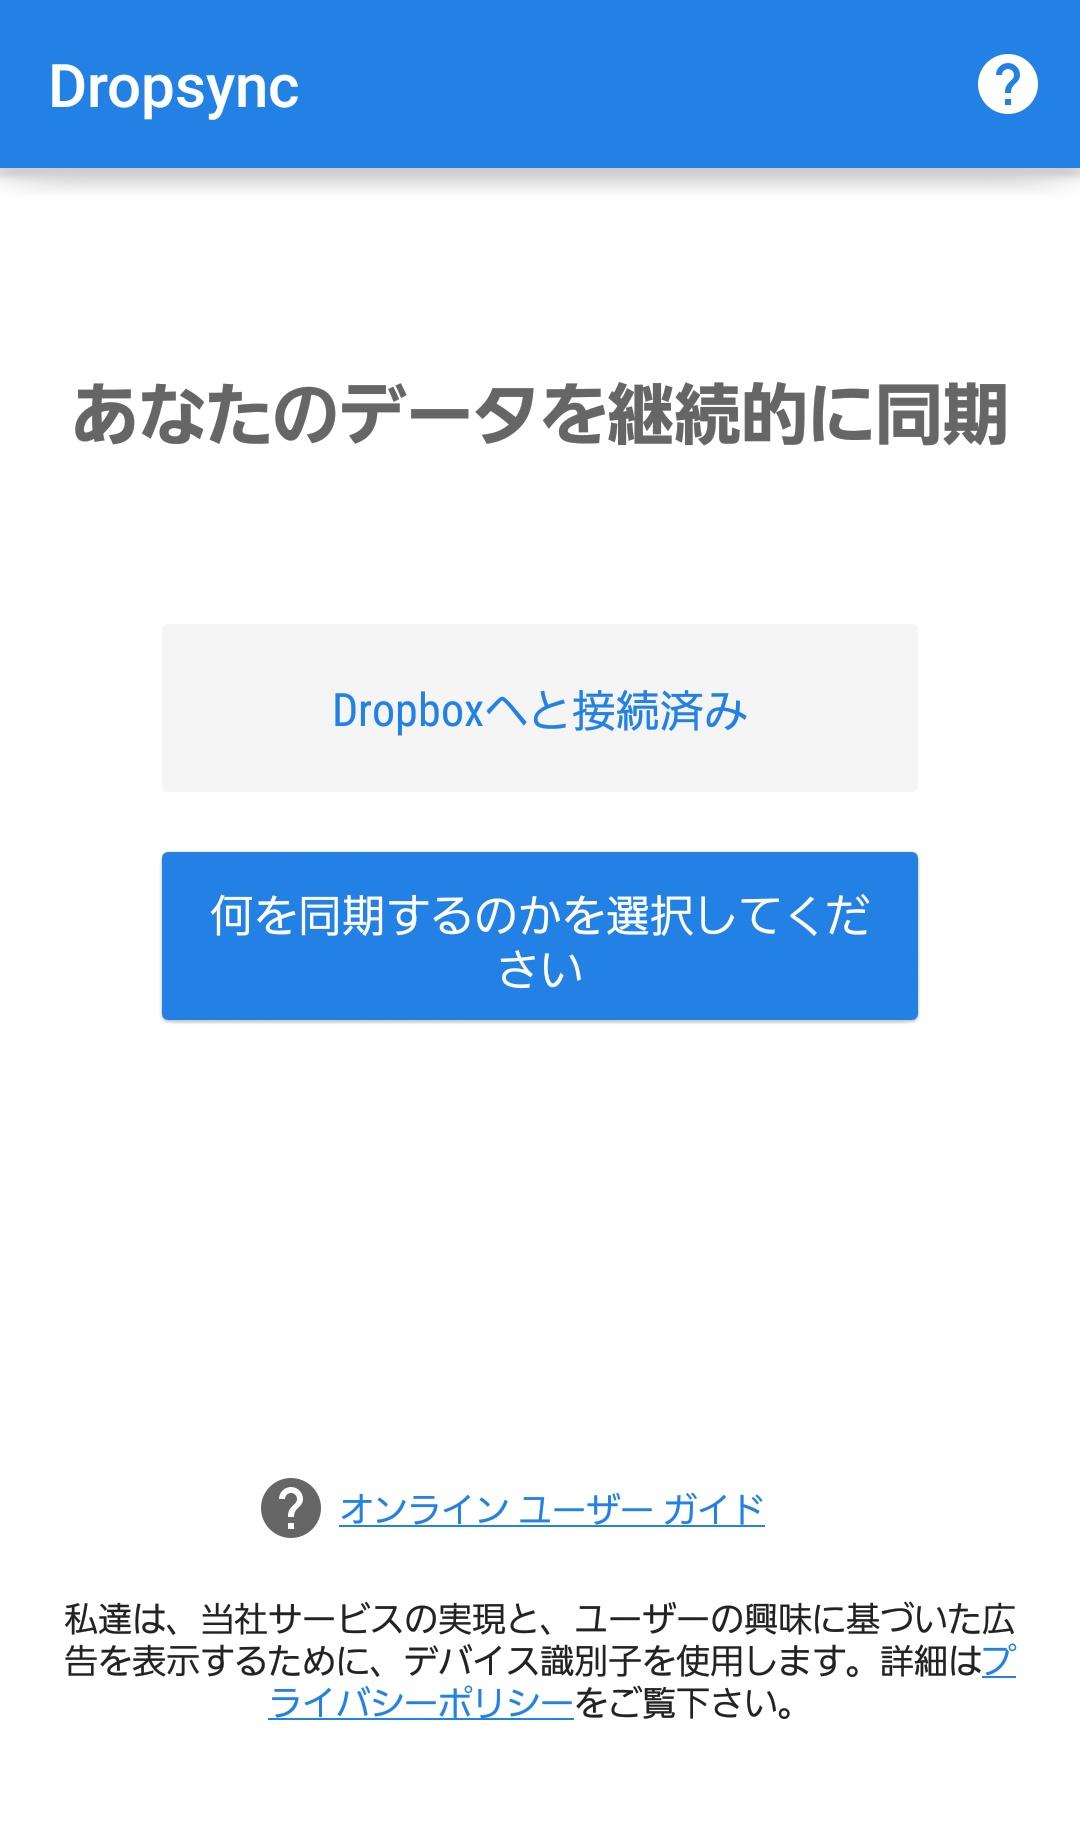 Dropsync3